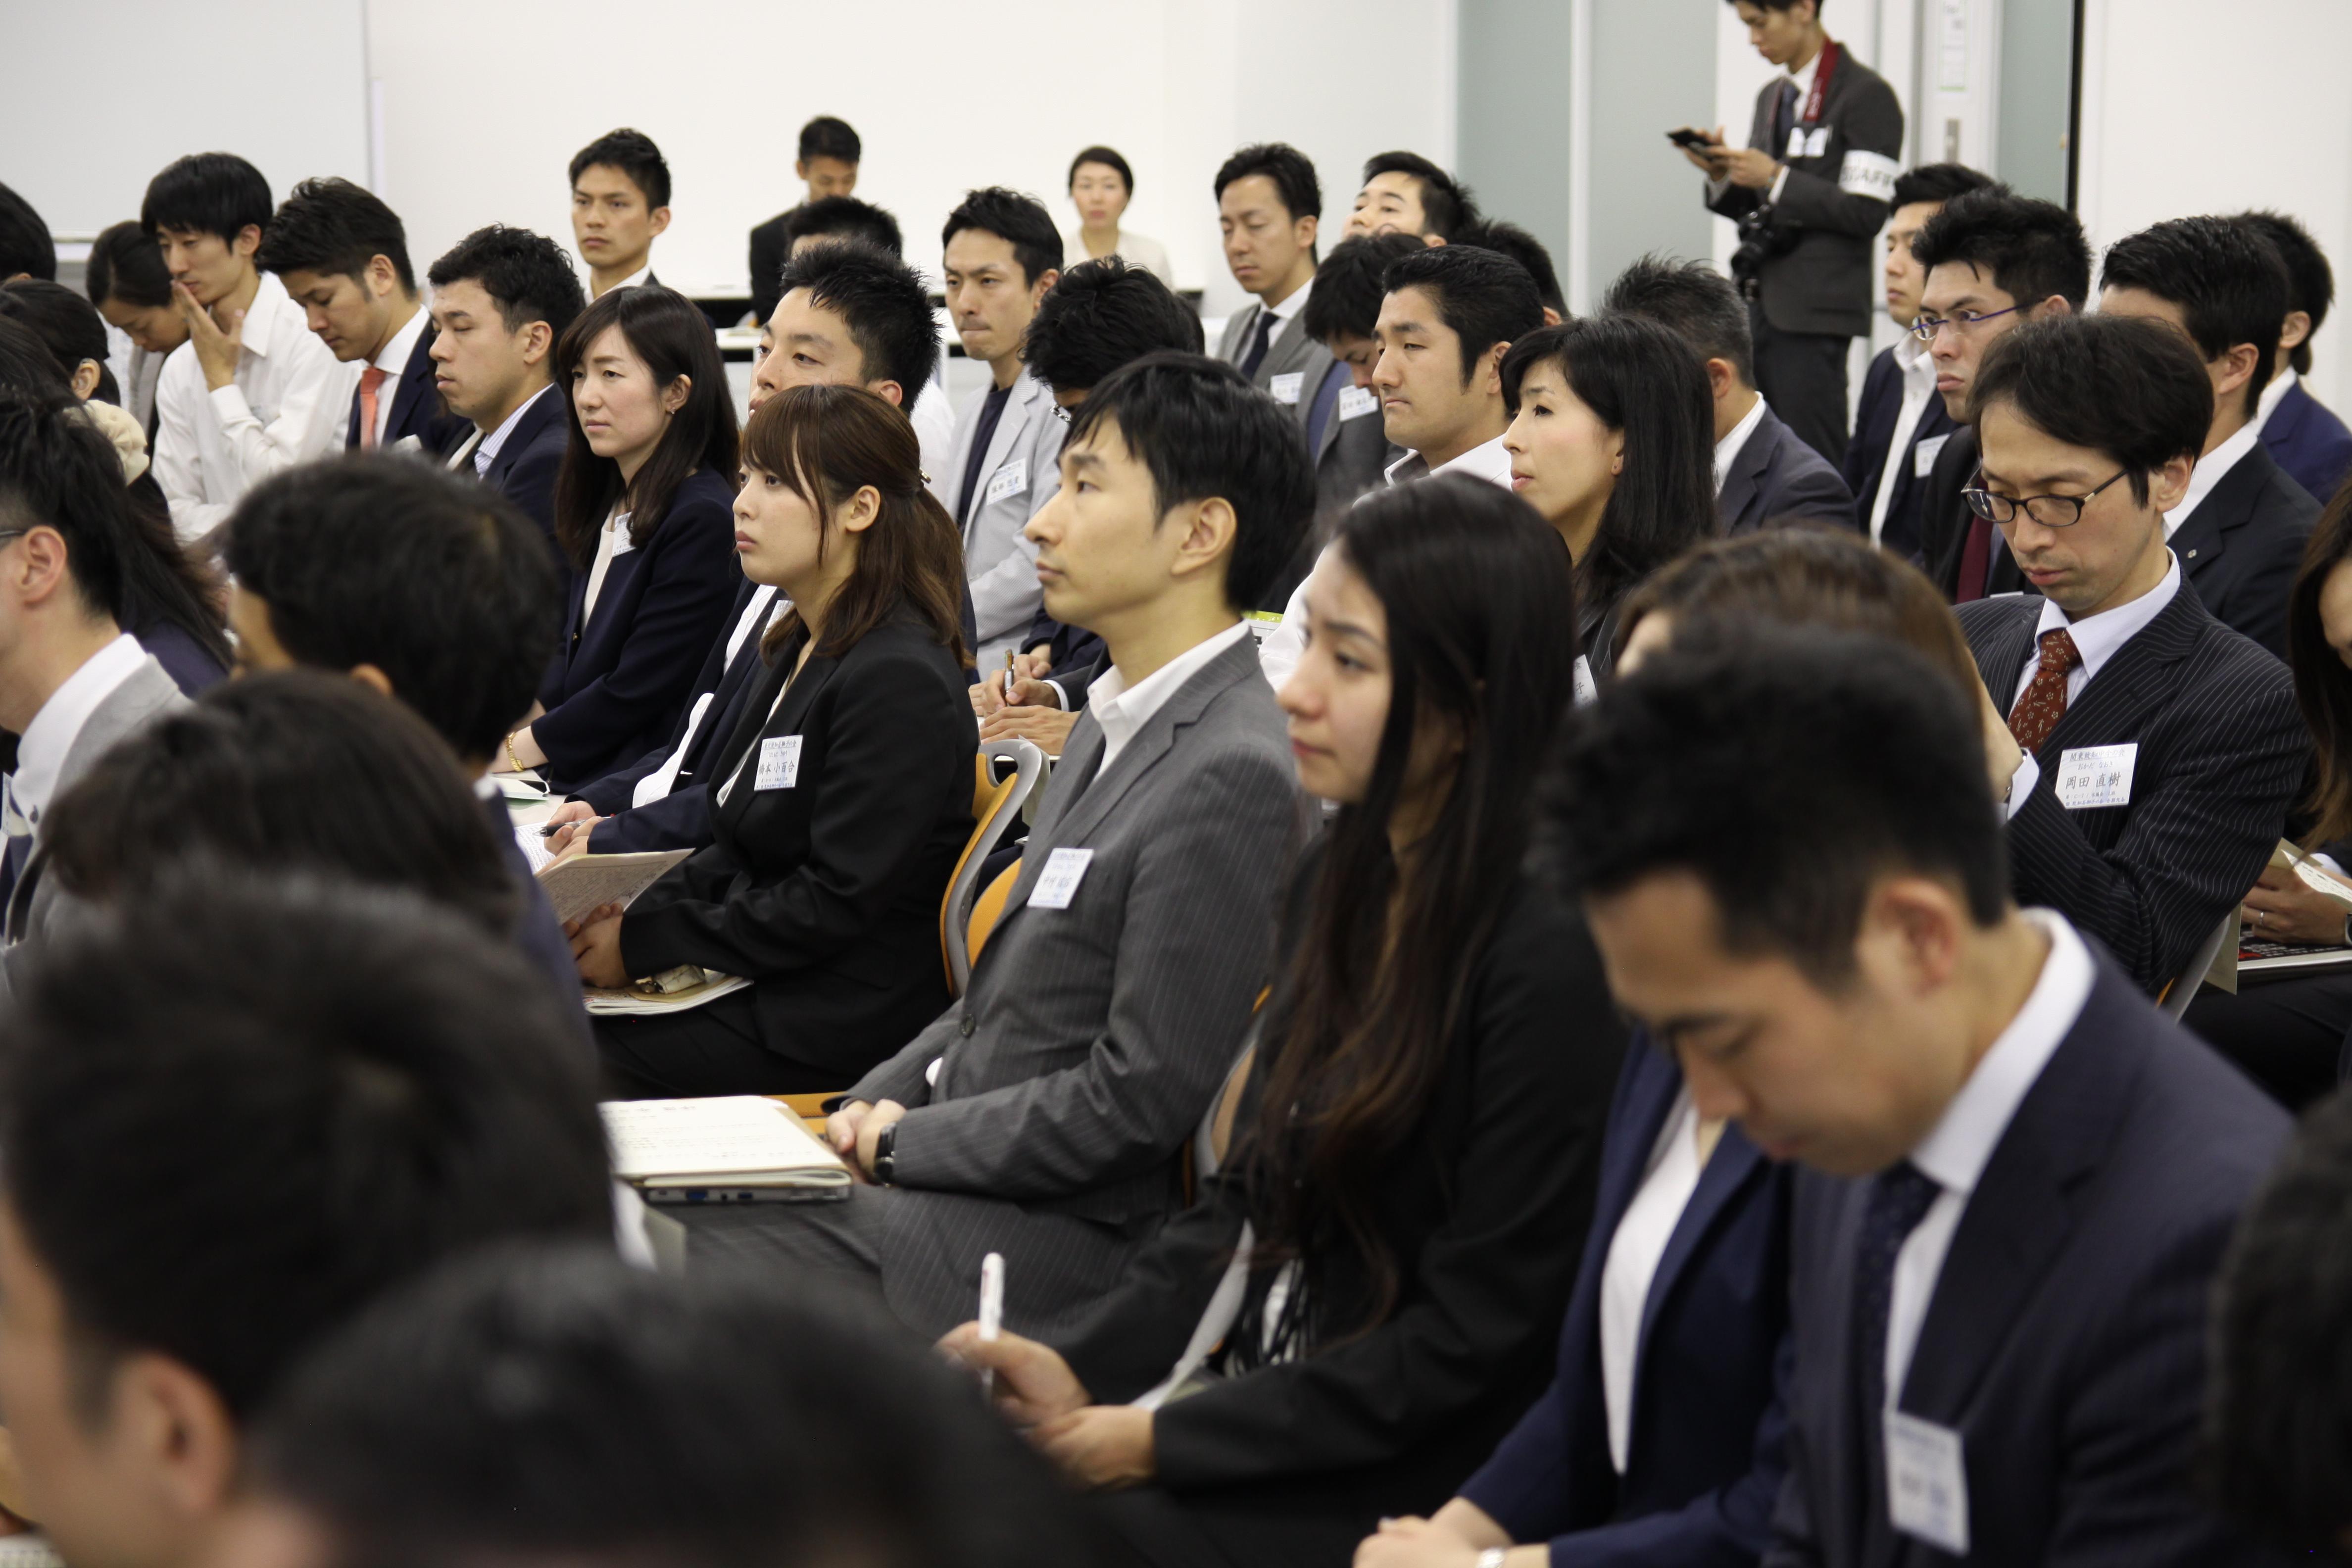 IMG 4593 - 関東若獅子の会、記念すべき第100回